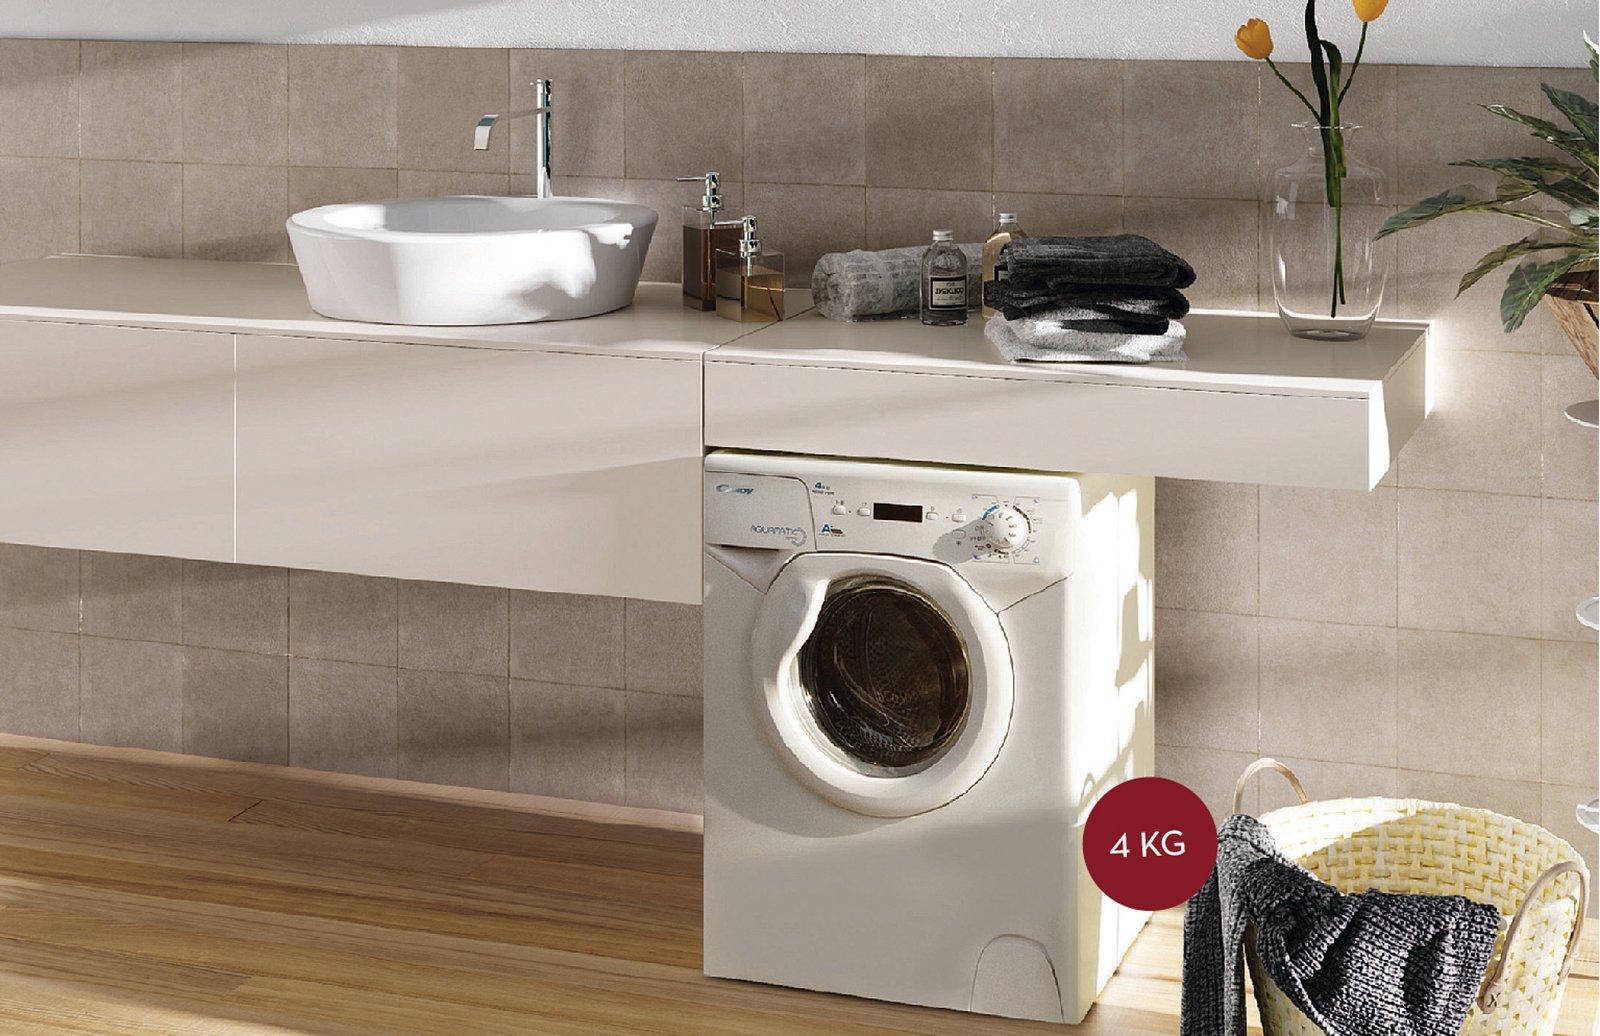 Lavatrici piccole tecnologia e praticit cose di casa for Mini lavatrice